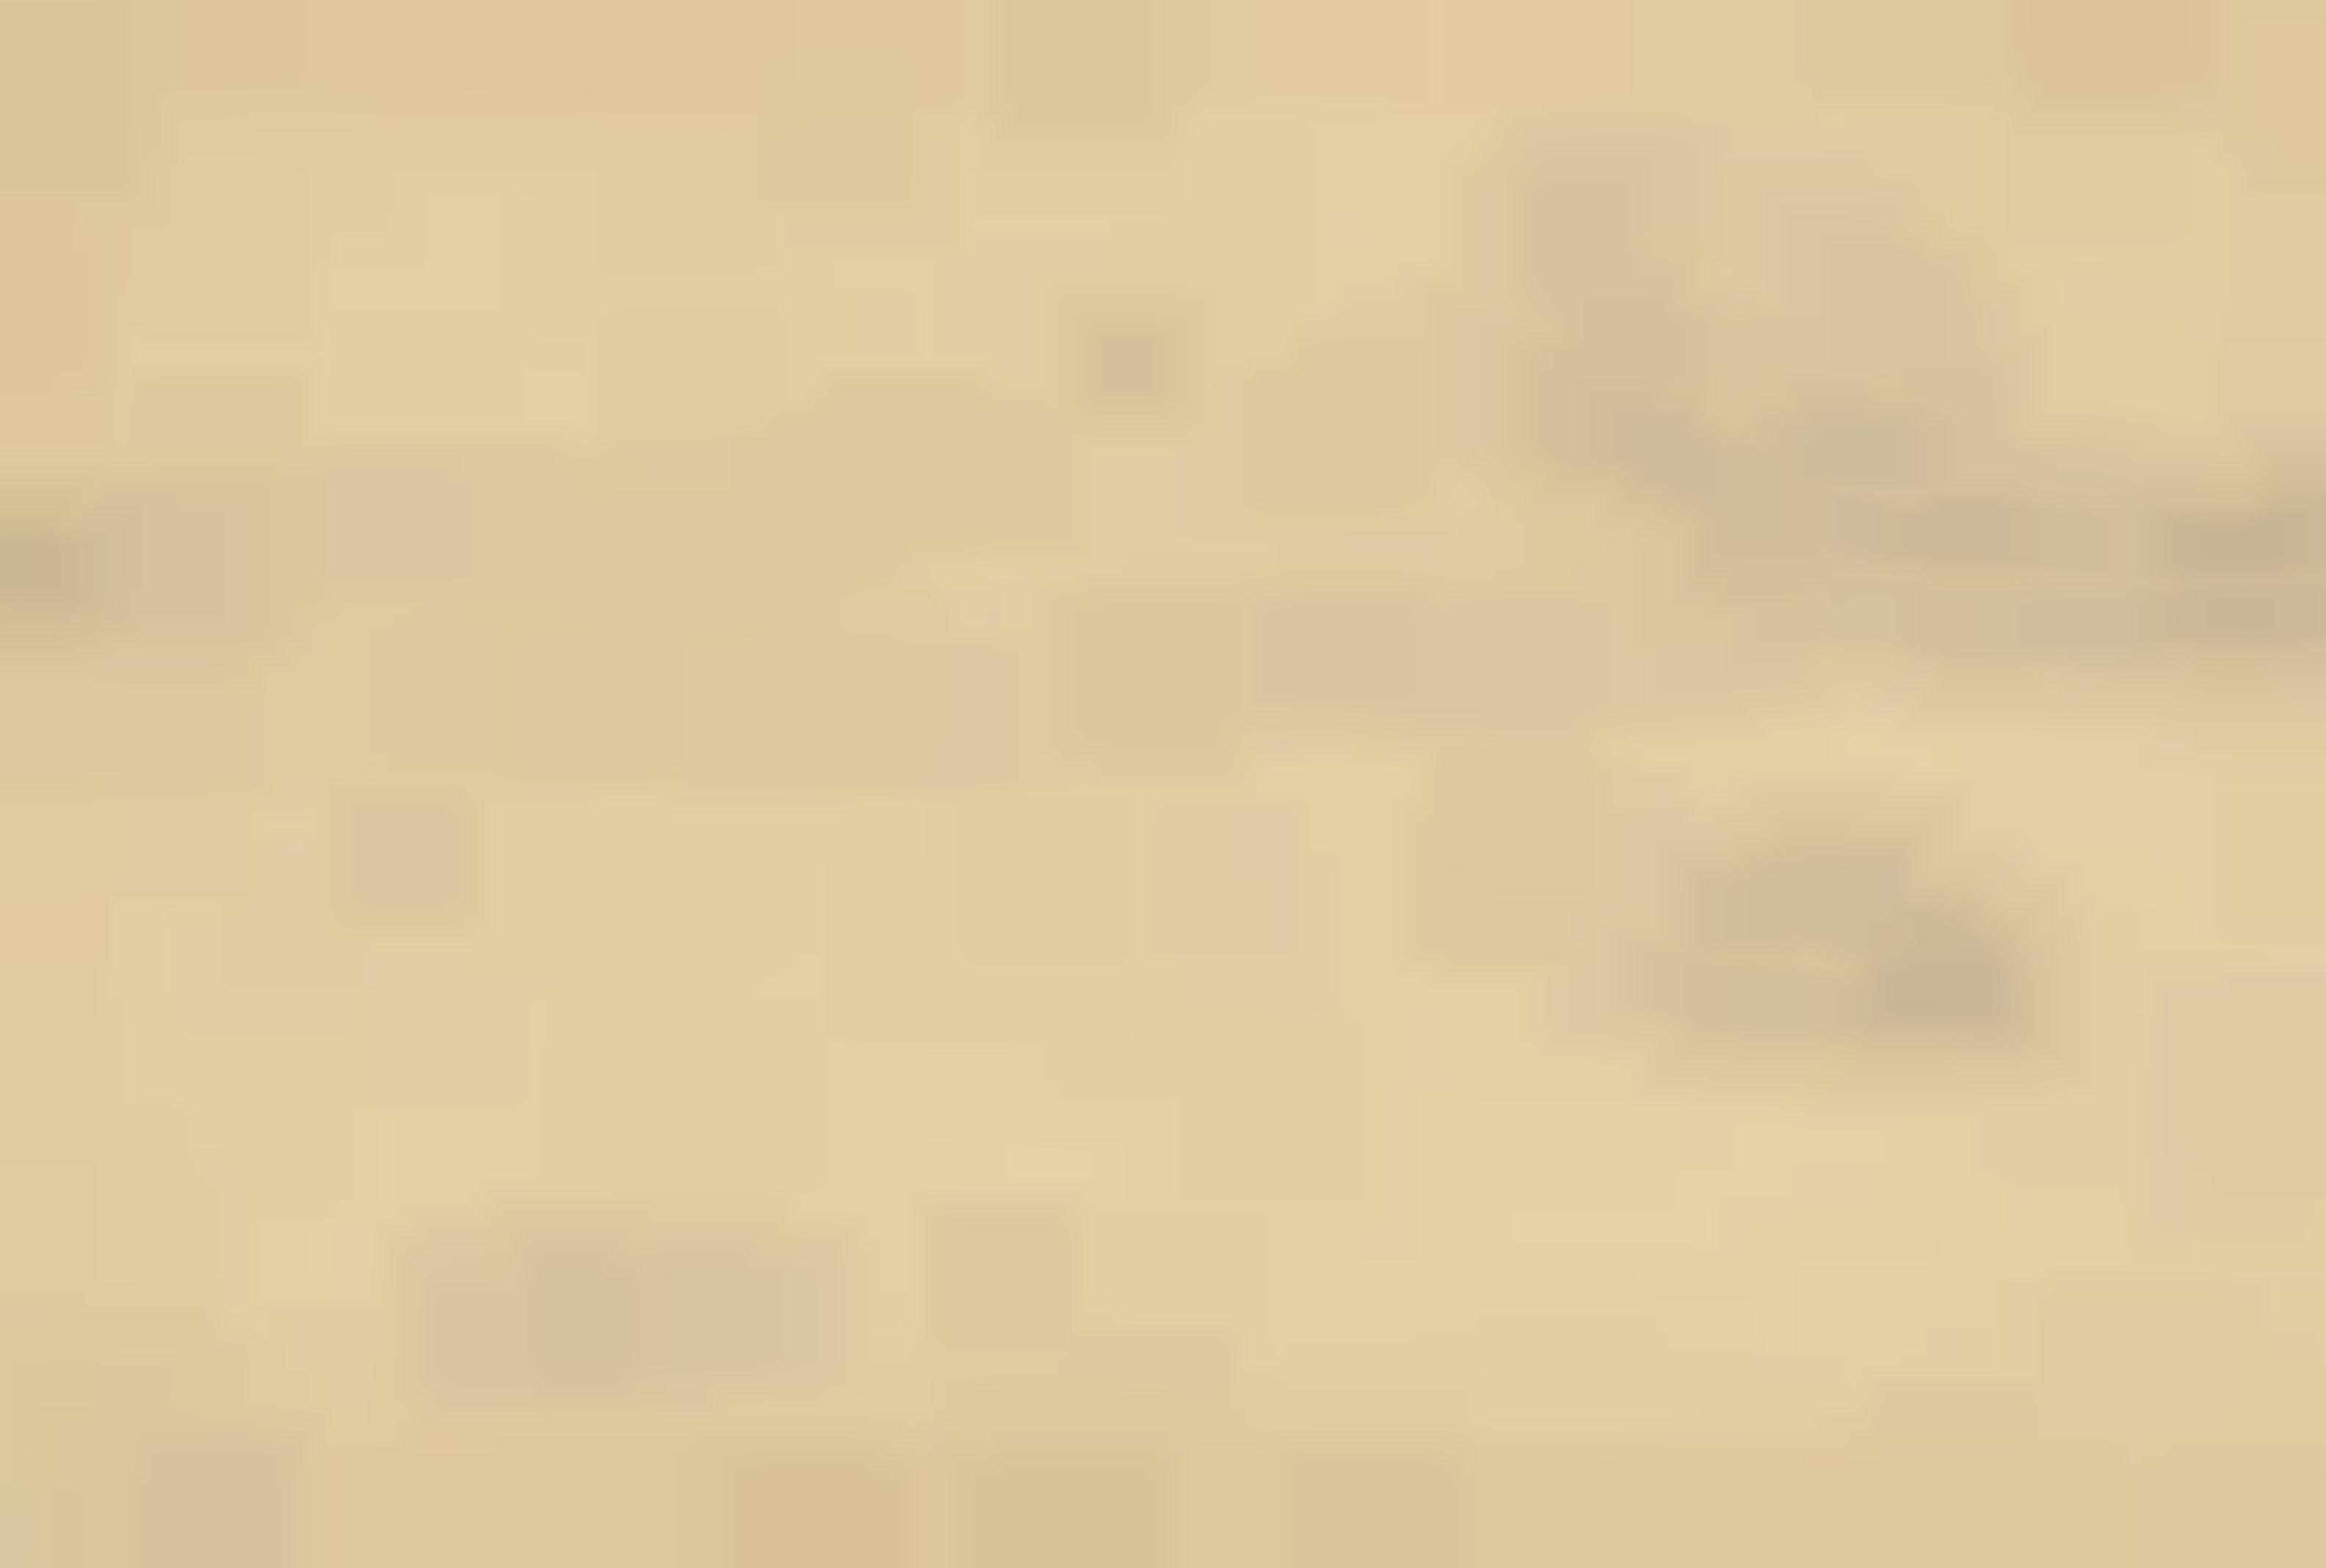 Gustav Klimt-Schwebende Nach Rechts, Wiederholung Der Hande-1901